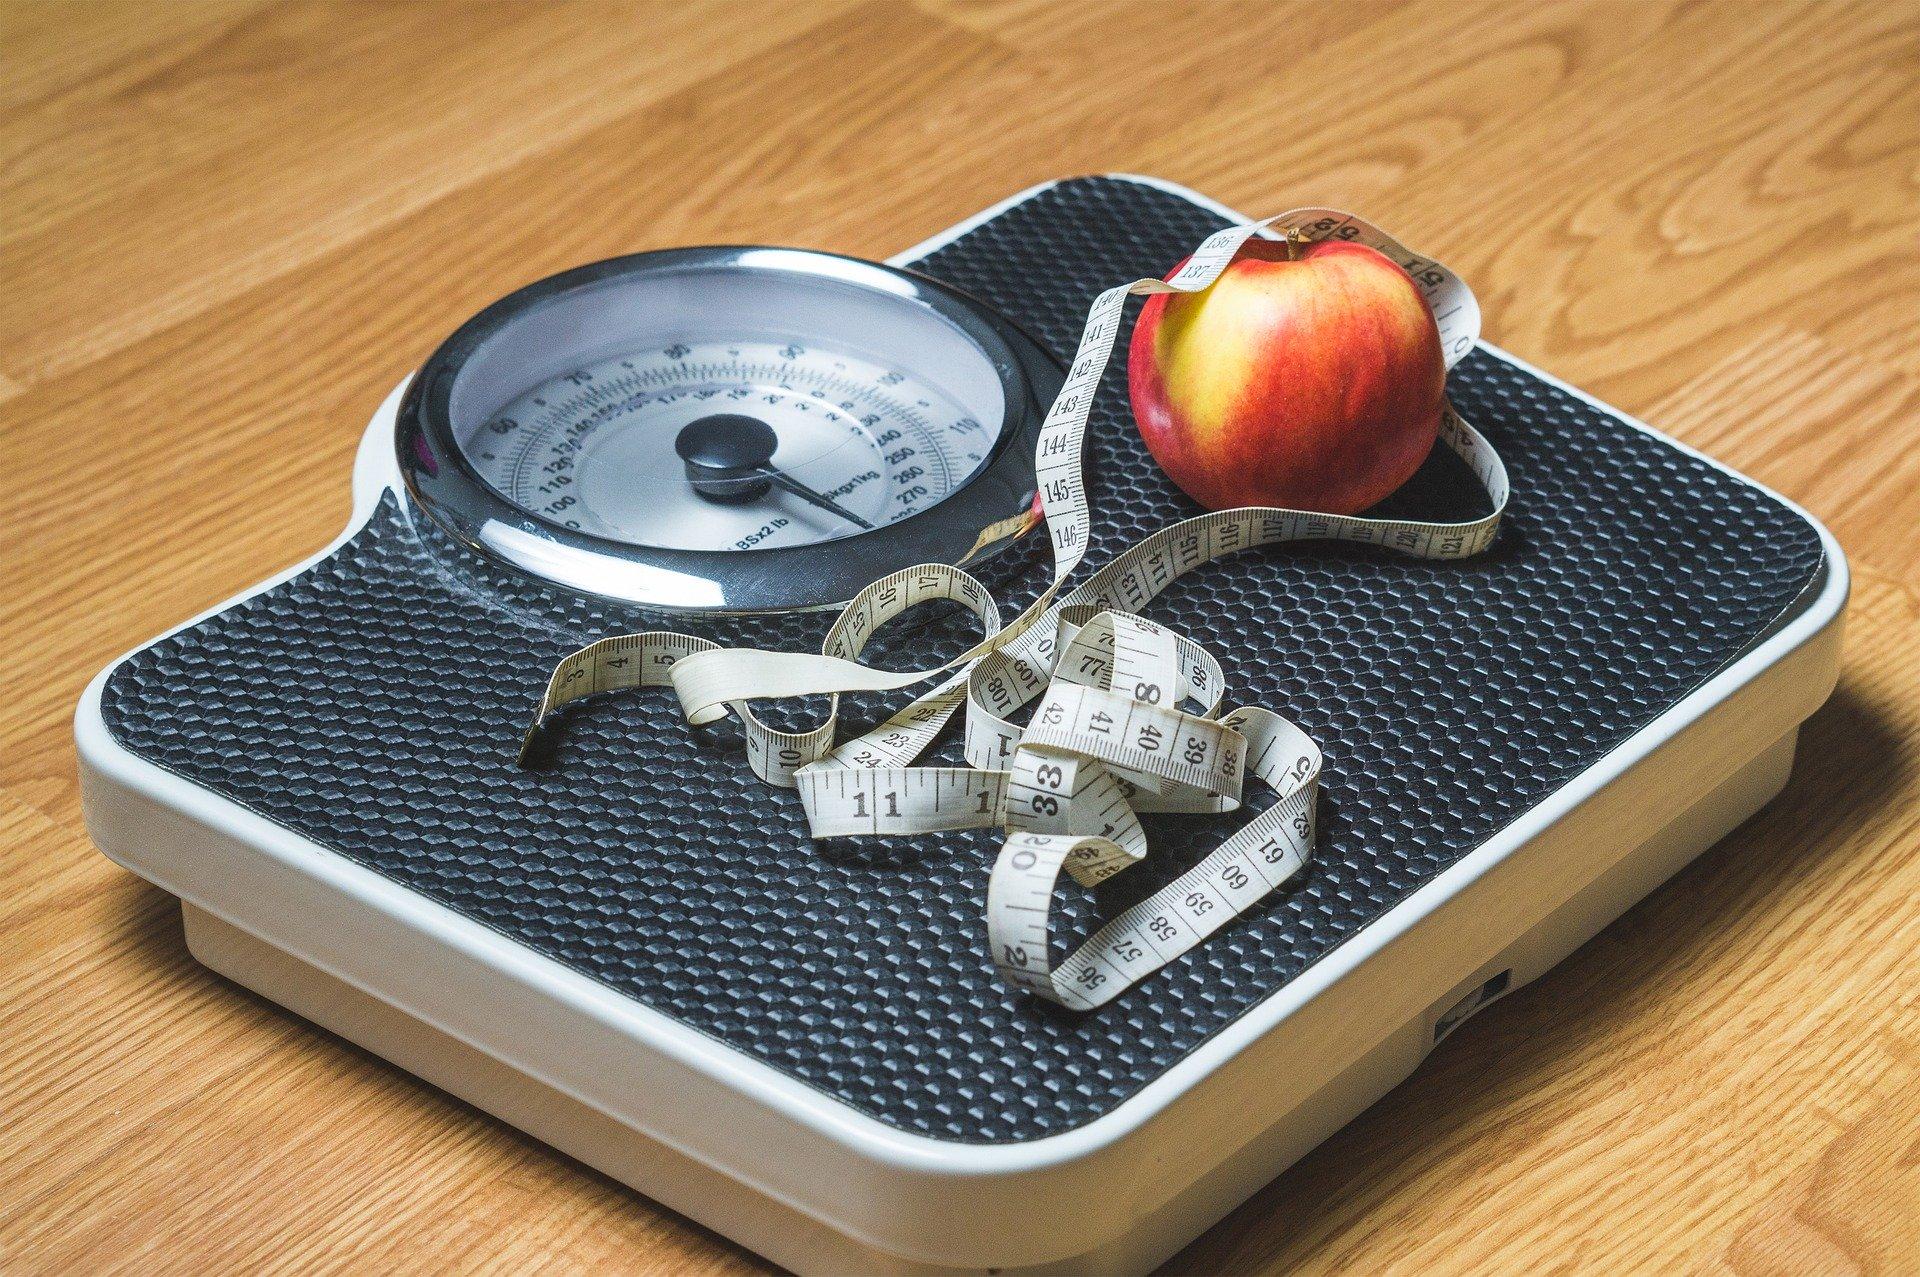 , Διατροφή – Βασικοί κανόνες που πρέπει να ακολουθούμε, Δρ. Δαρδαμάνης Δημήτριος